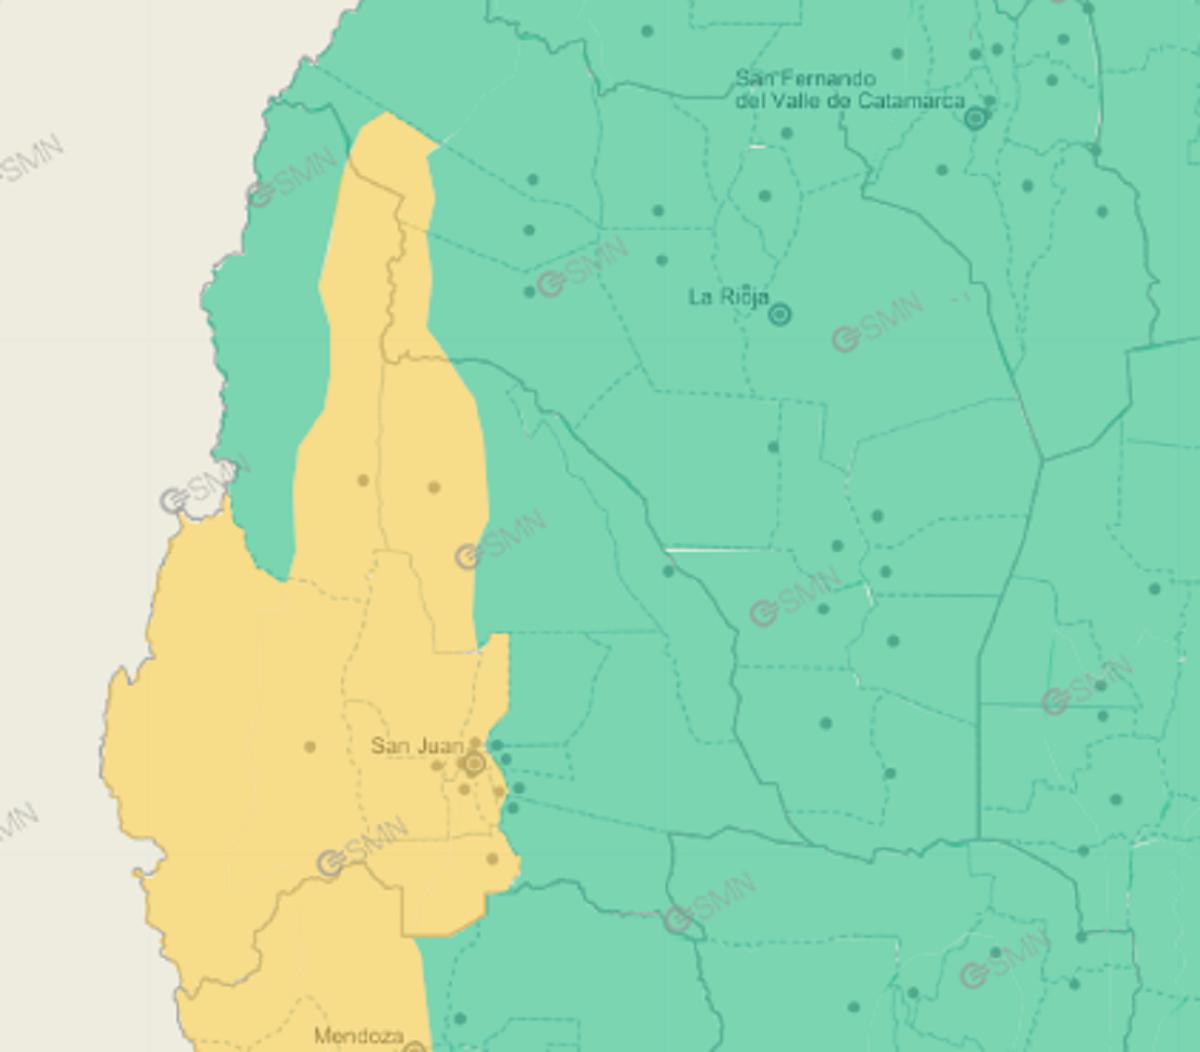 Alerta amarilla por viento Zonda: las zonas más afectadas por las ráfagas